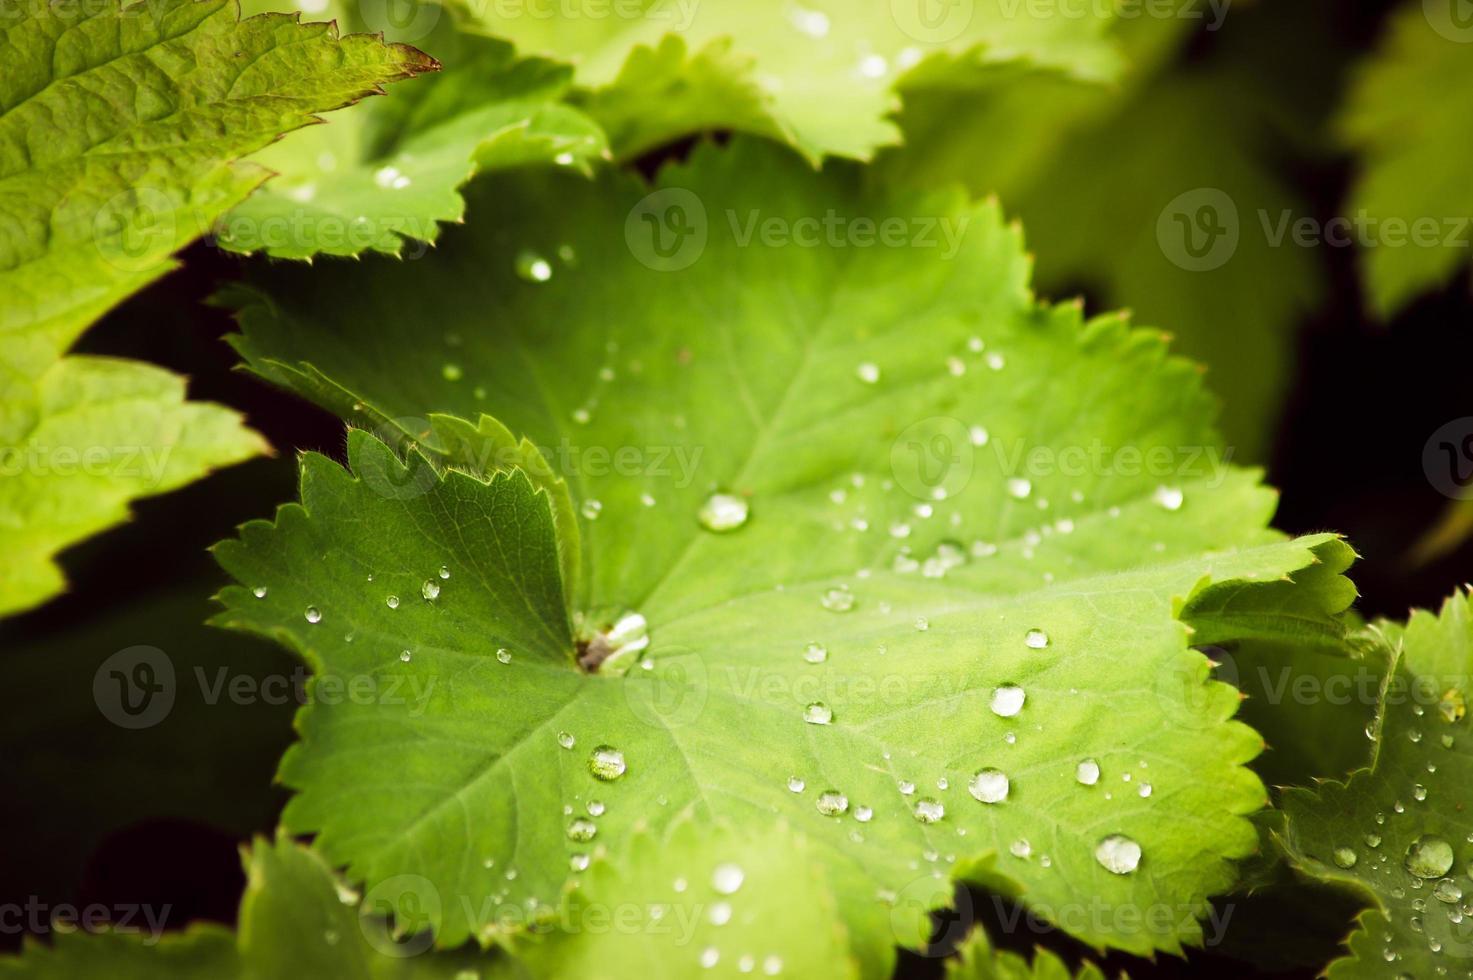 gouttes d'eau sur la feuille verte photo